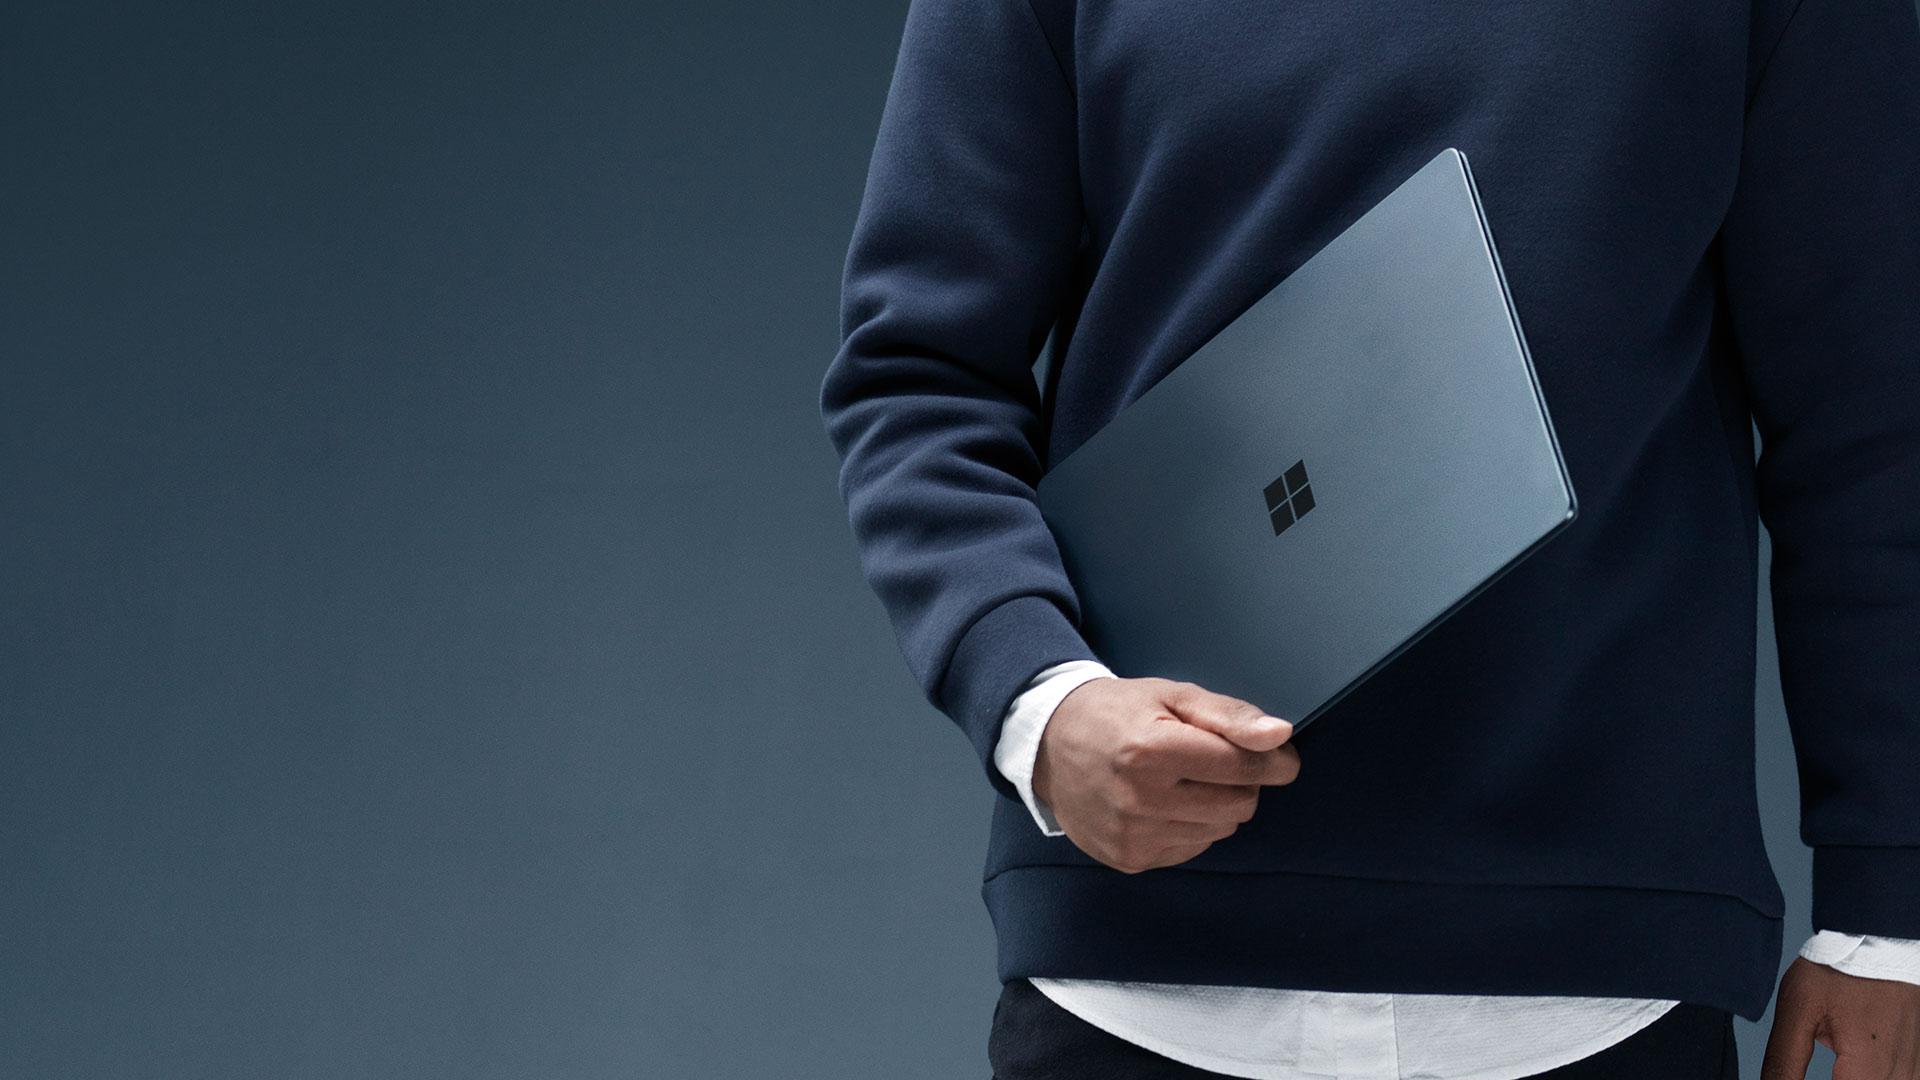 Mies kantaa koboltinsinistä Surface Laptopia